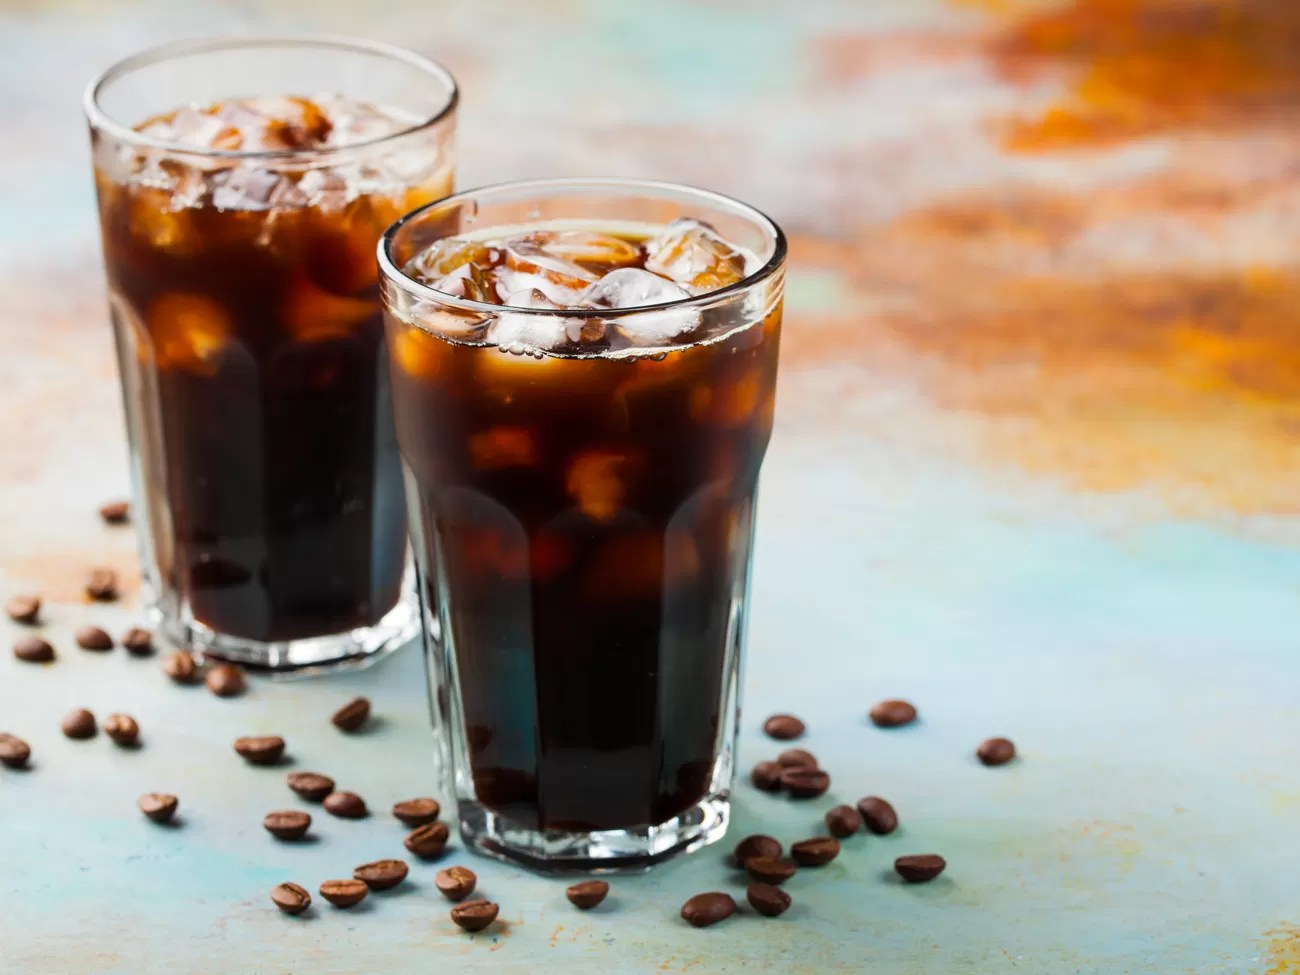 caffè freddo - storia, leggende e varianti nel mondo